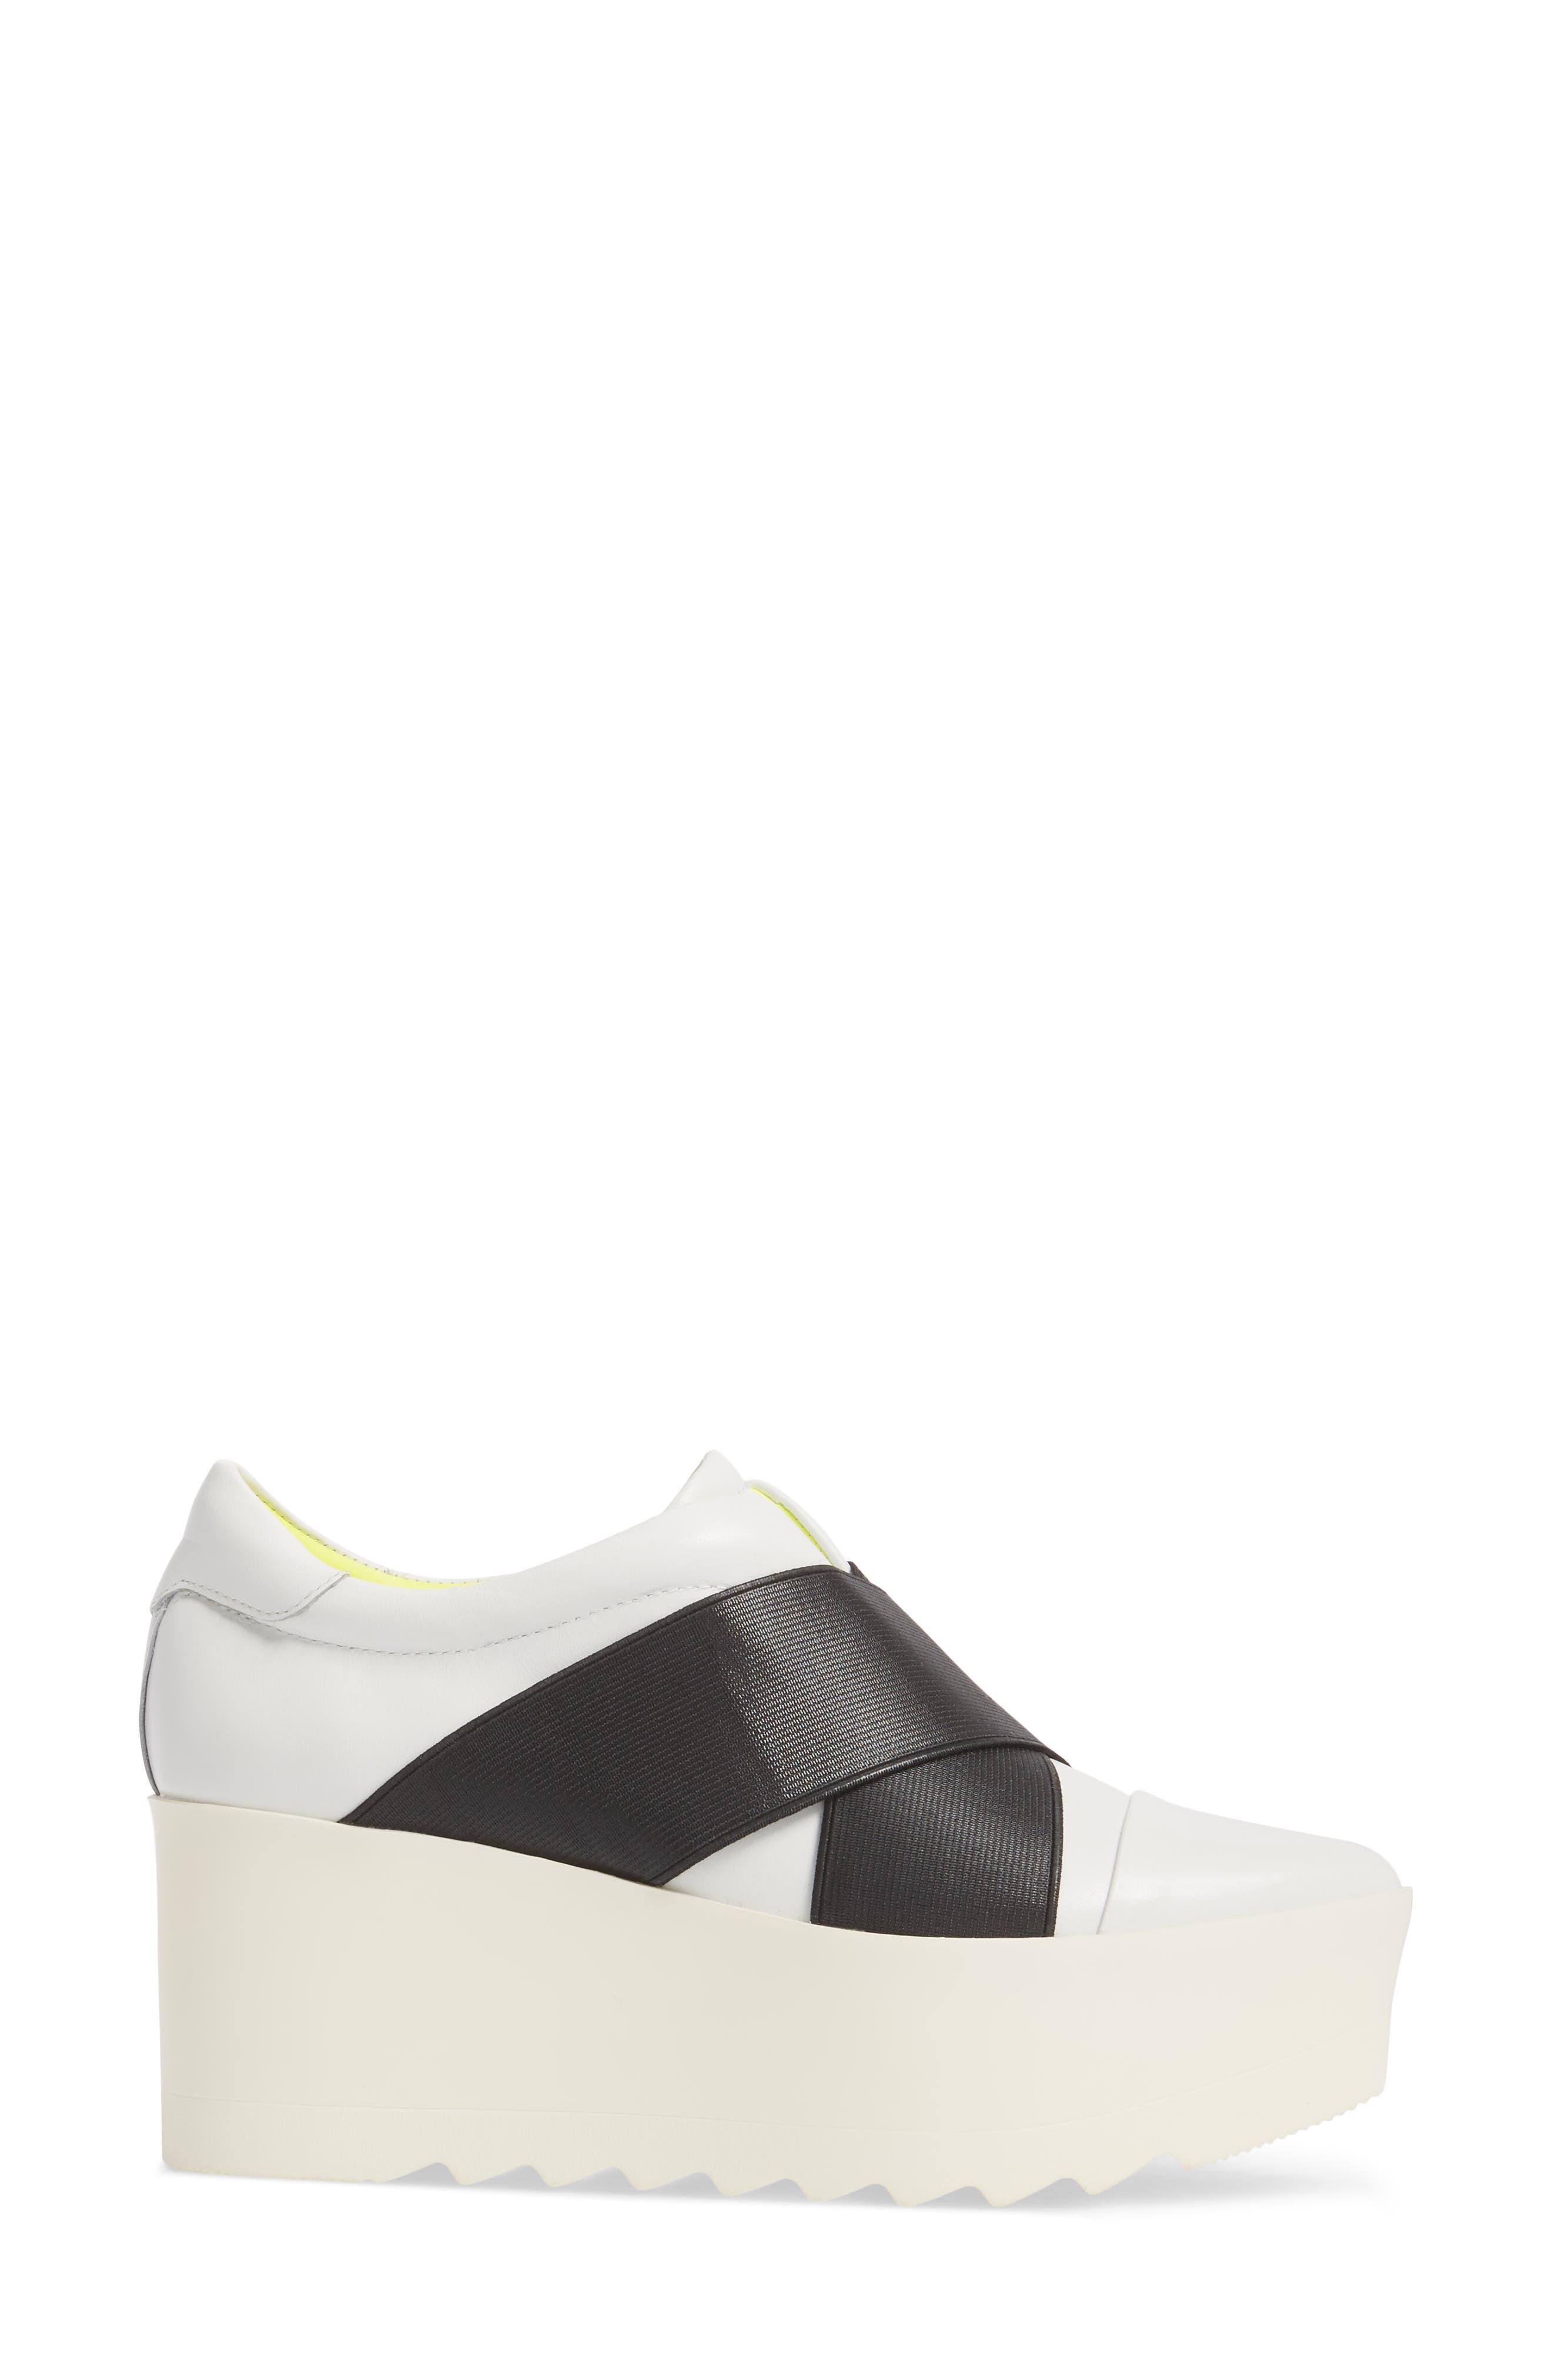 Tasha Platform Slip-On Sneaker,                             Alternate thumbnail 3, color,                             White Leather